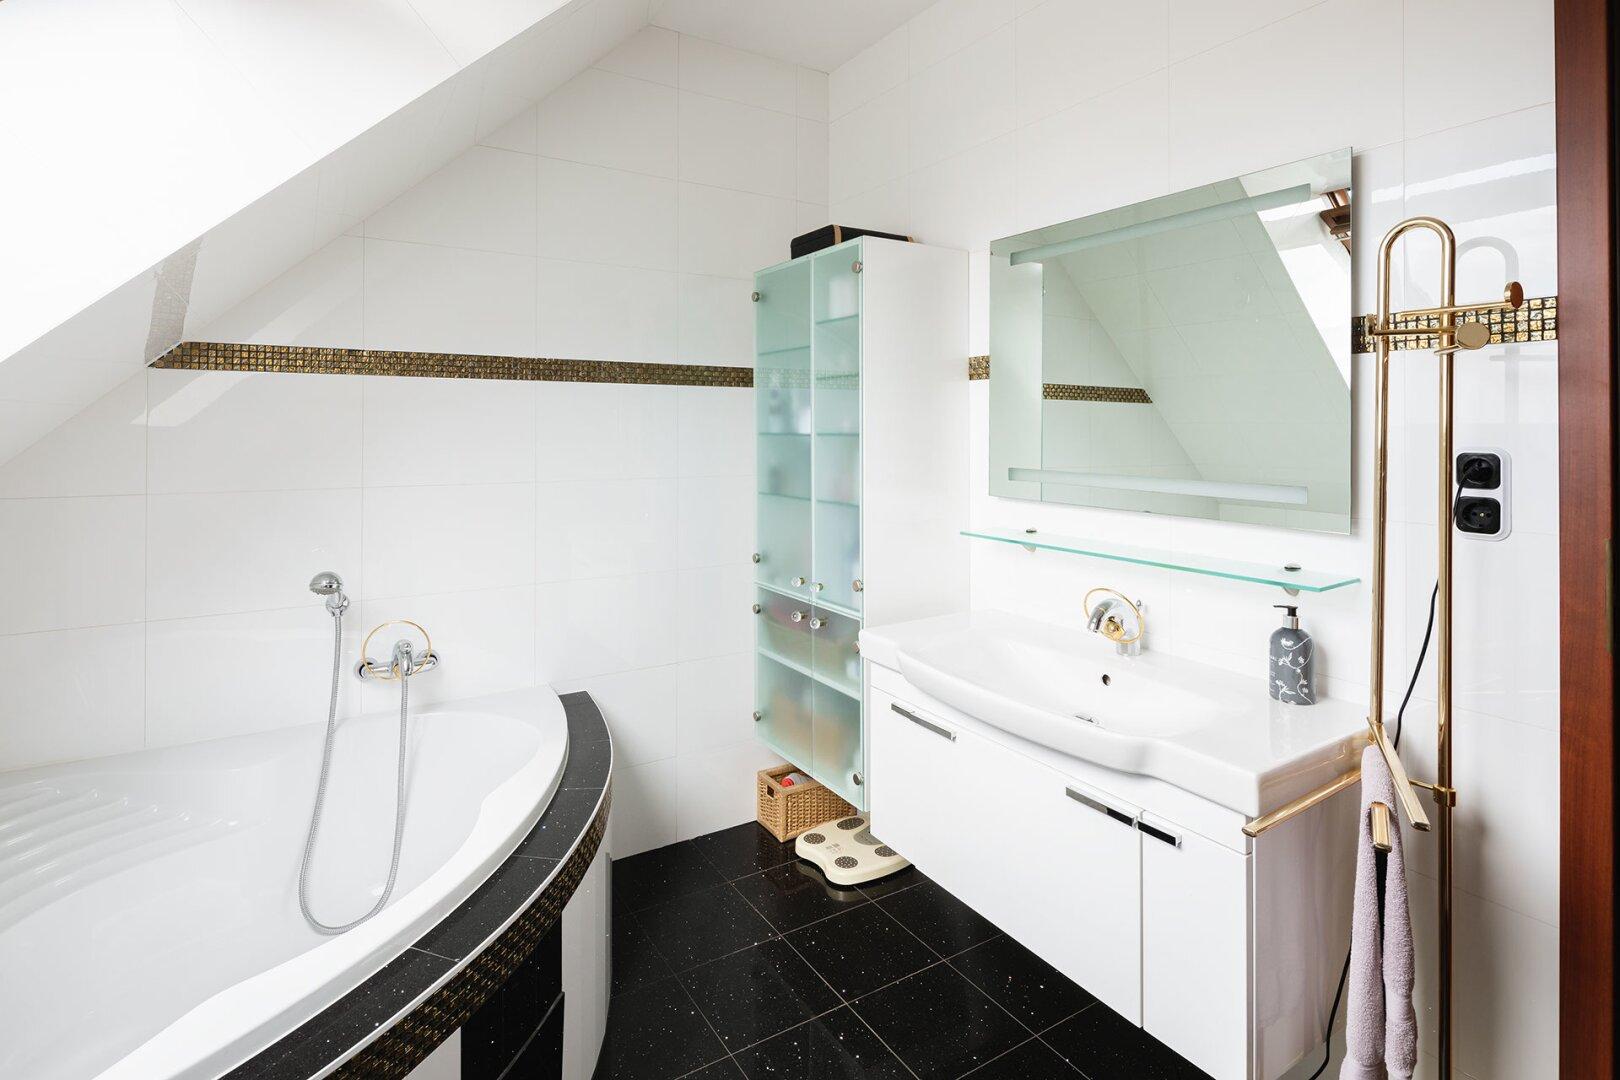 Badezimmer mit Toilette_OG